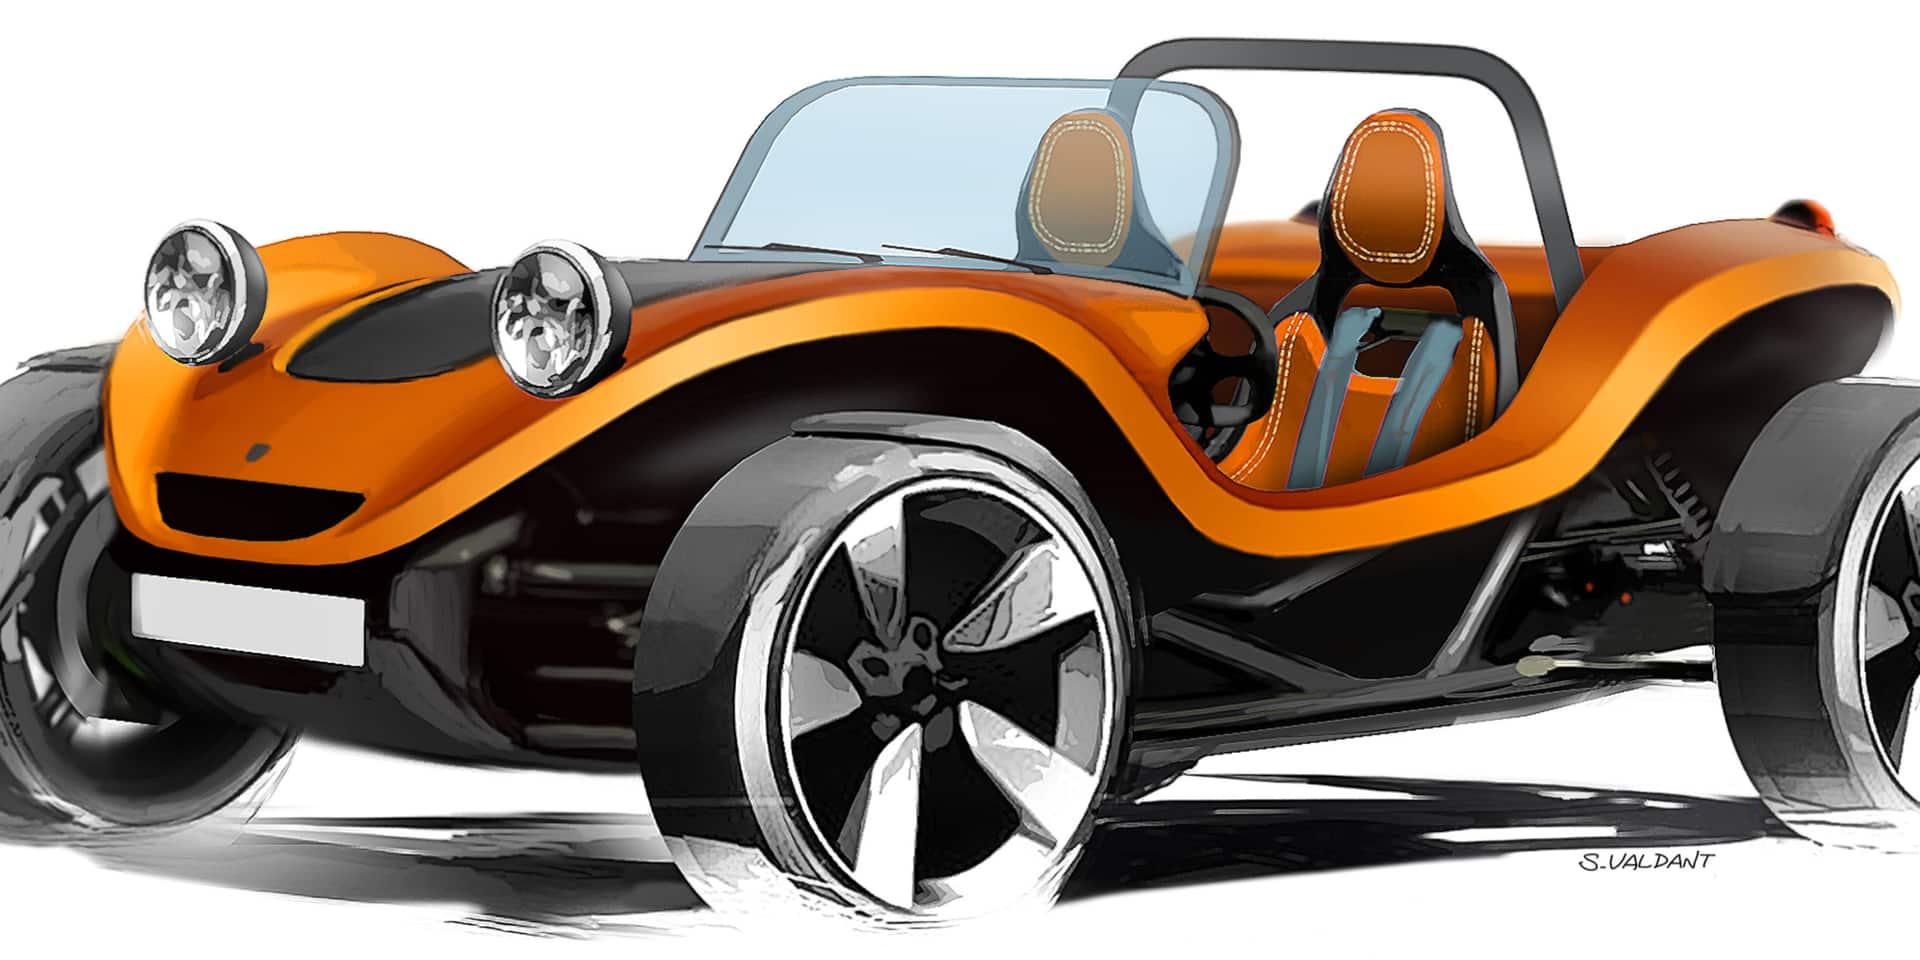 Lesage Motors : un nouveau constructeur qui mise sur l'économie durable